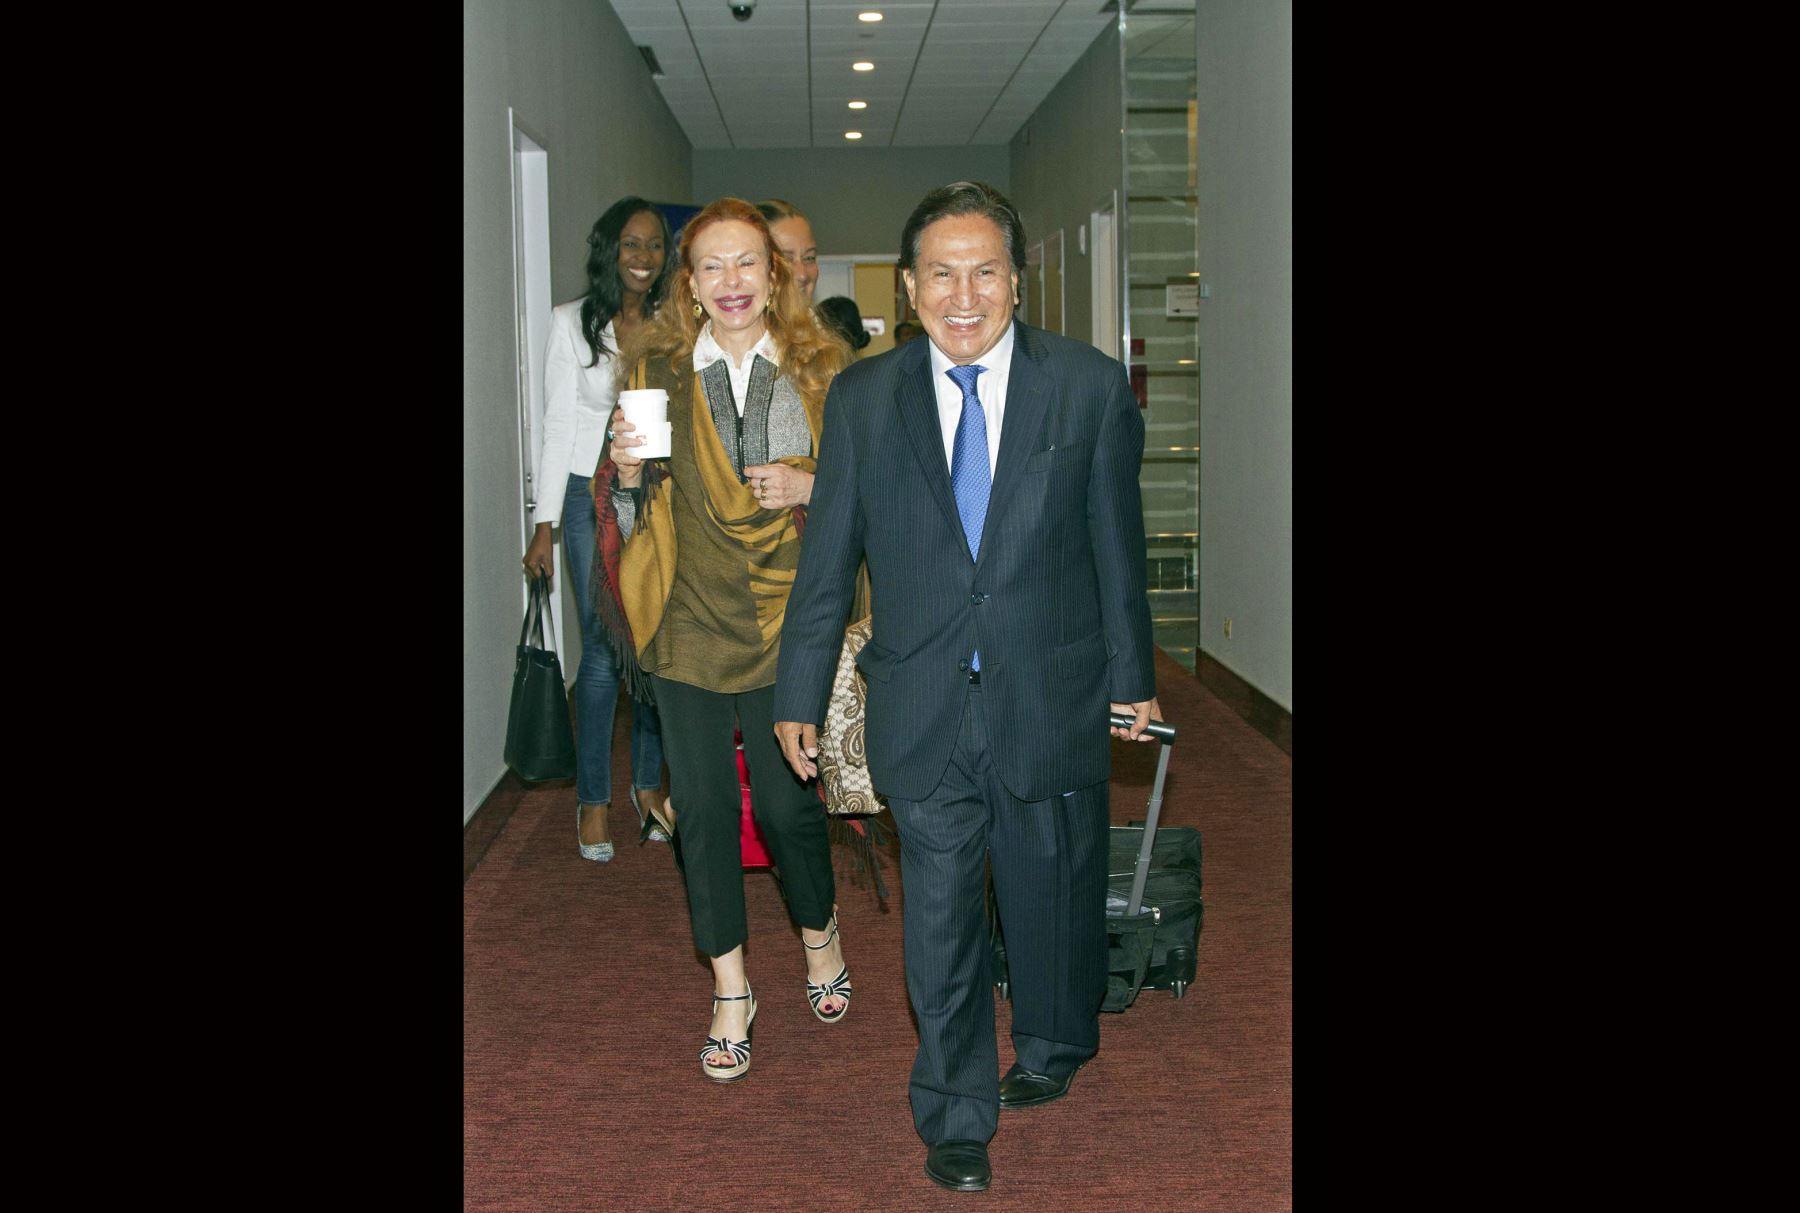 El expresidente Alejandro Toledo, ofrece una conferencia sobre políticas de desarrollo en Nueva York. Foto: EFE